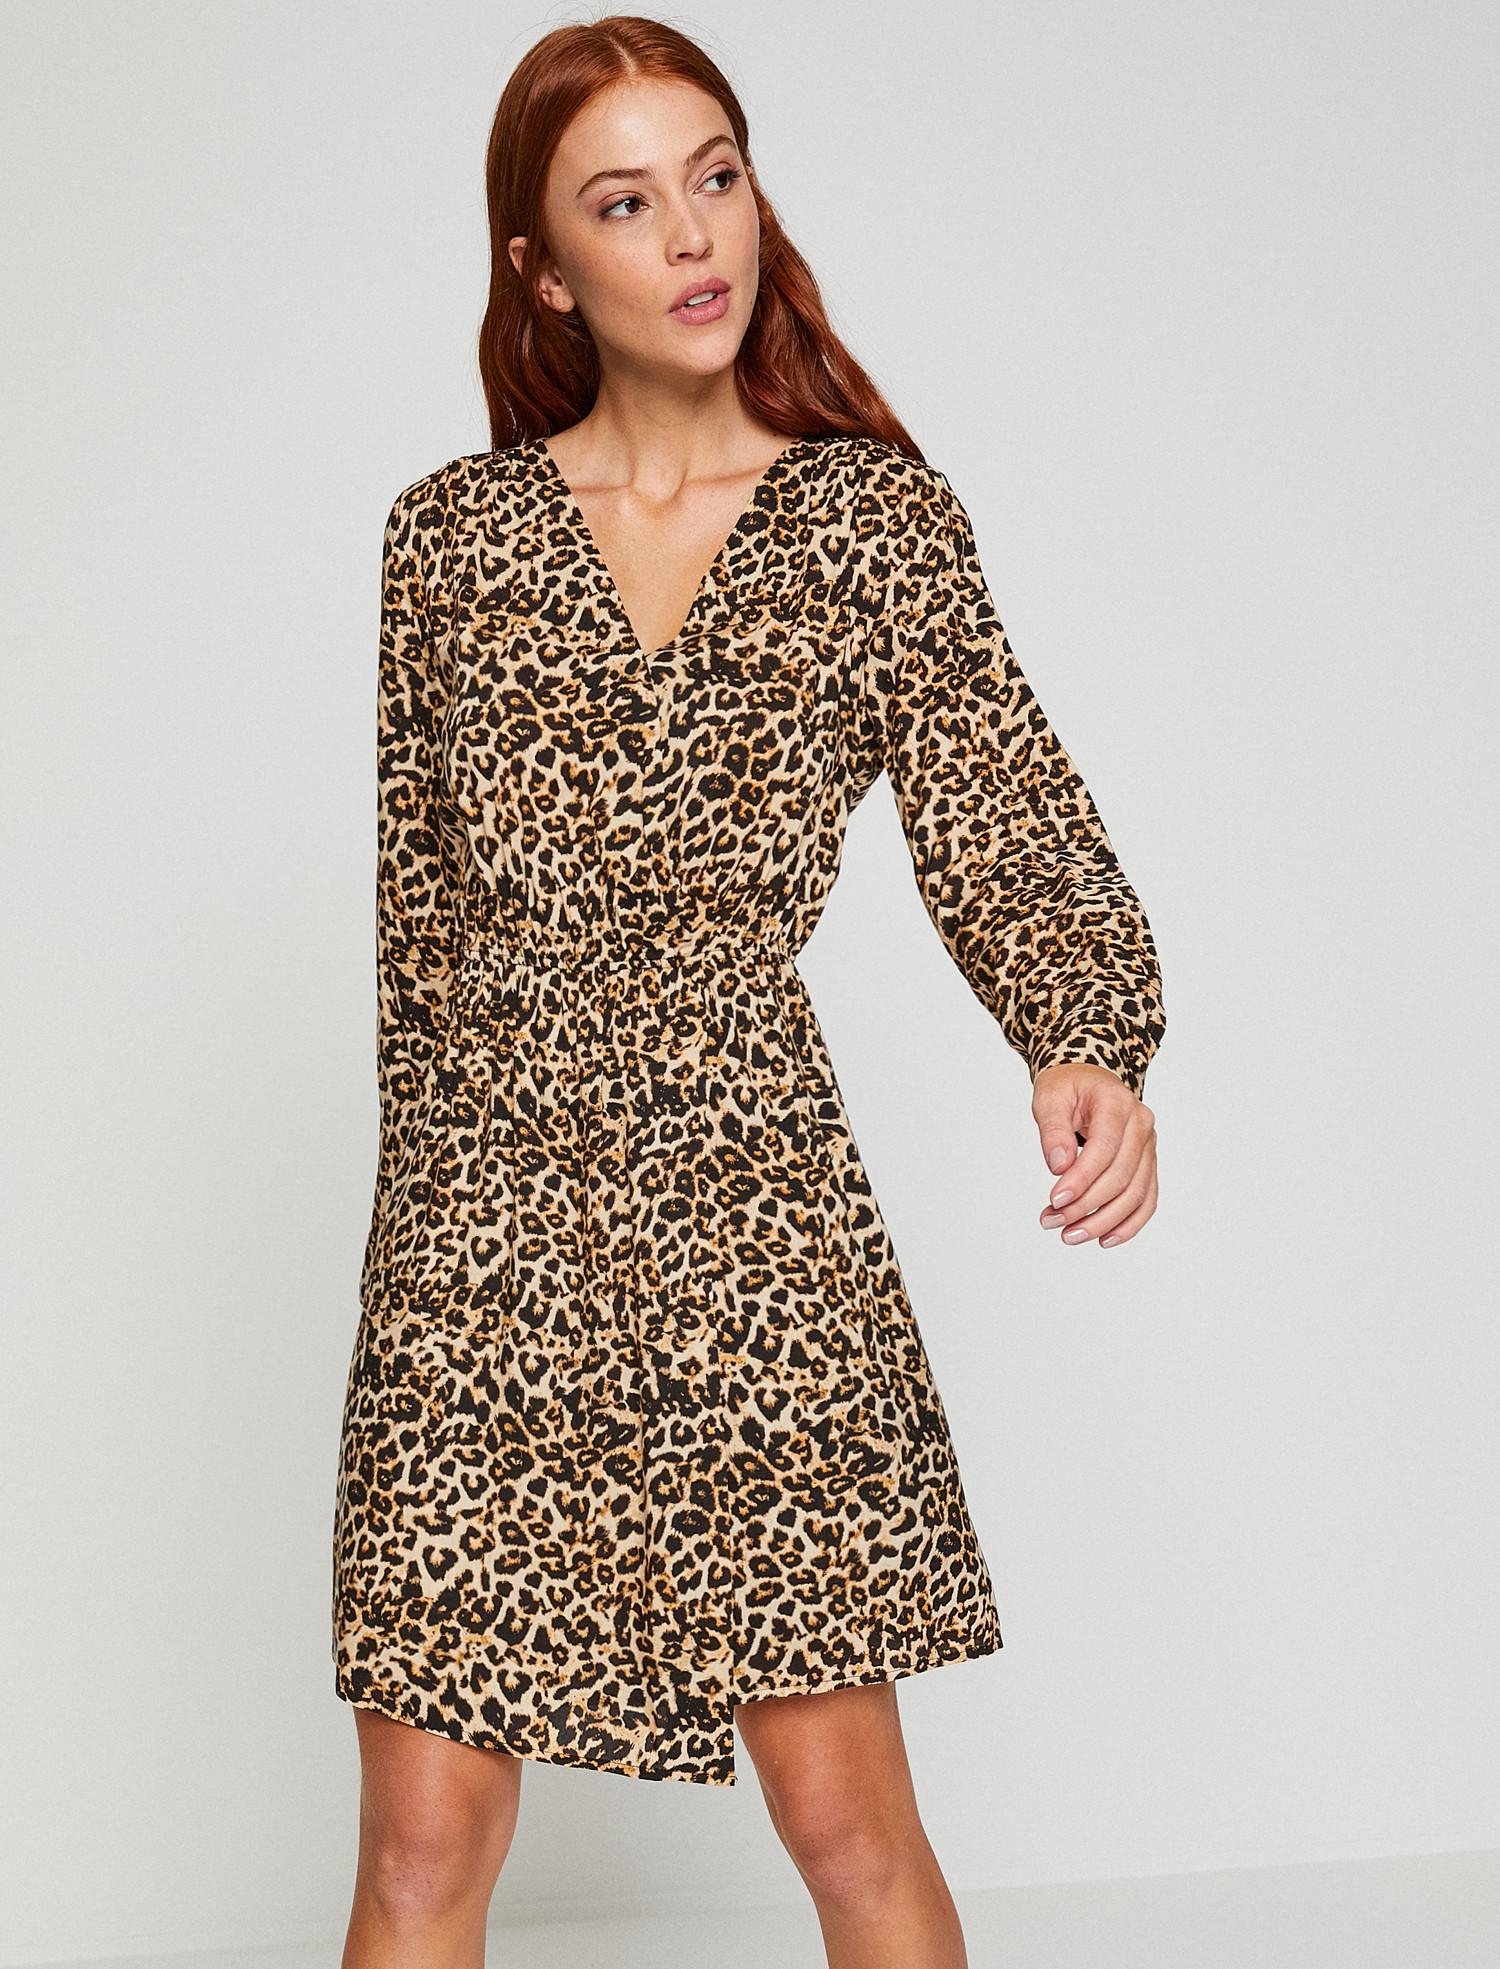 Leopar desenli kıyafetler